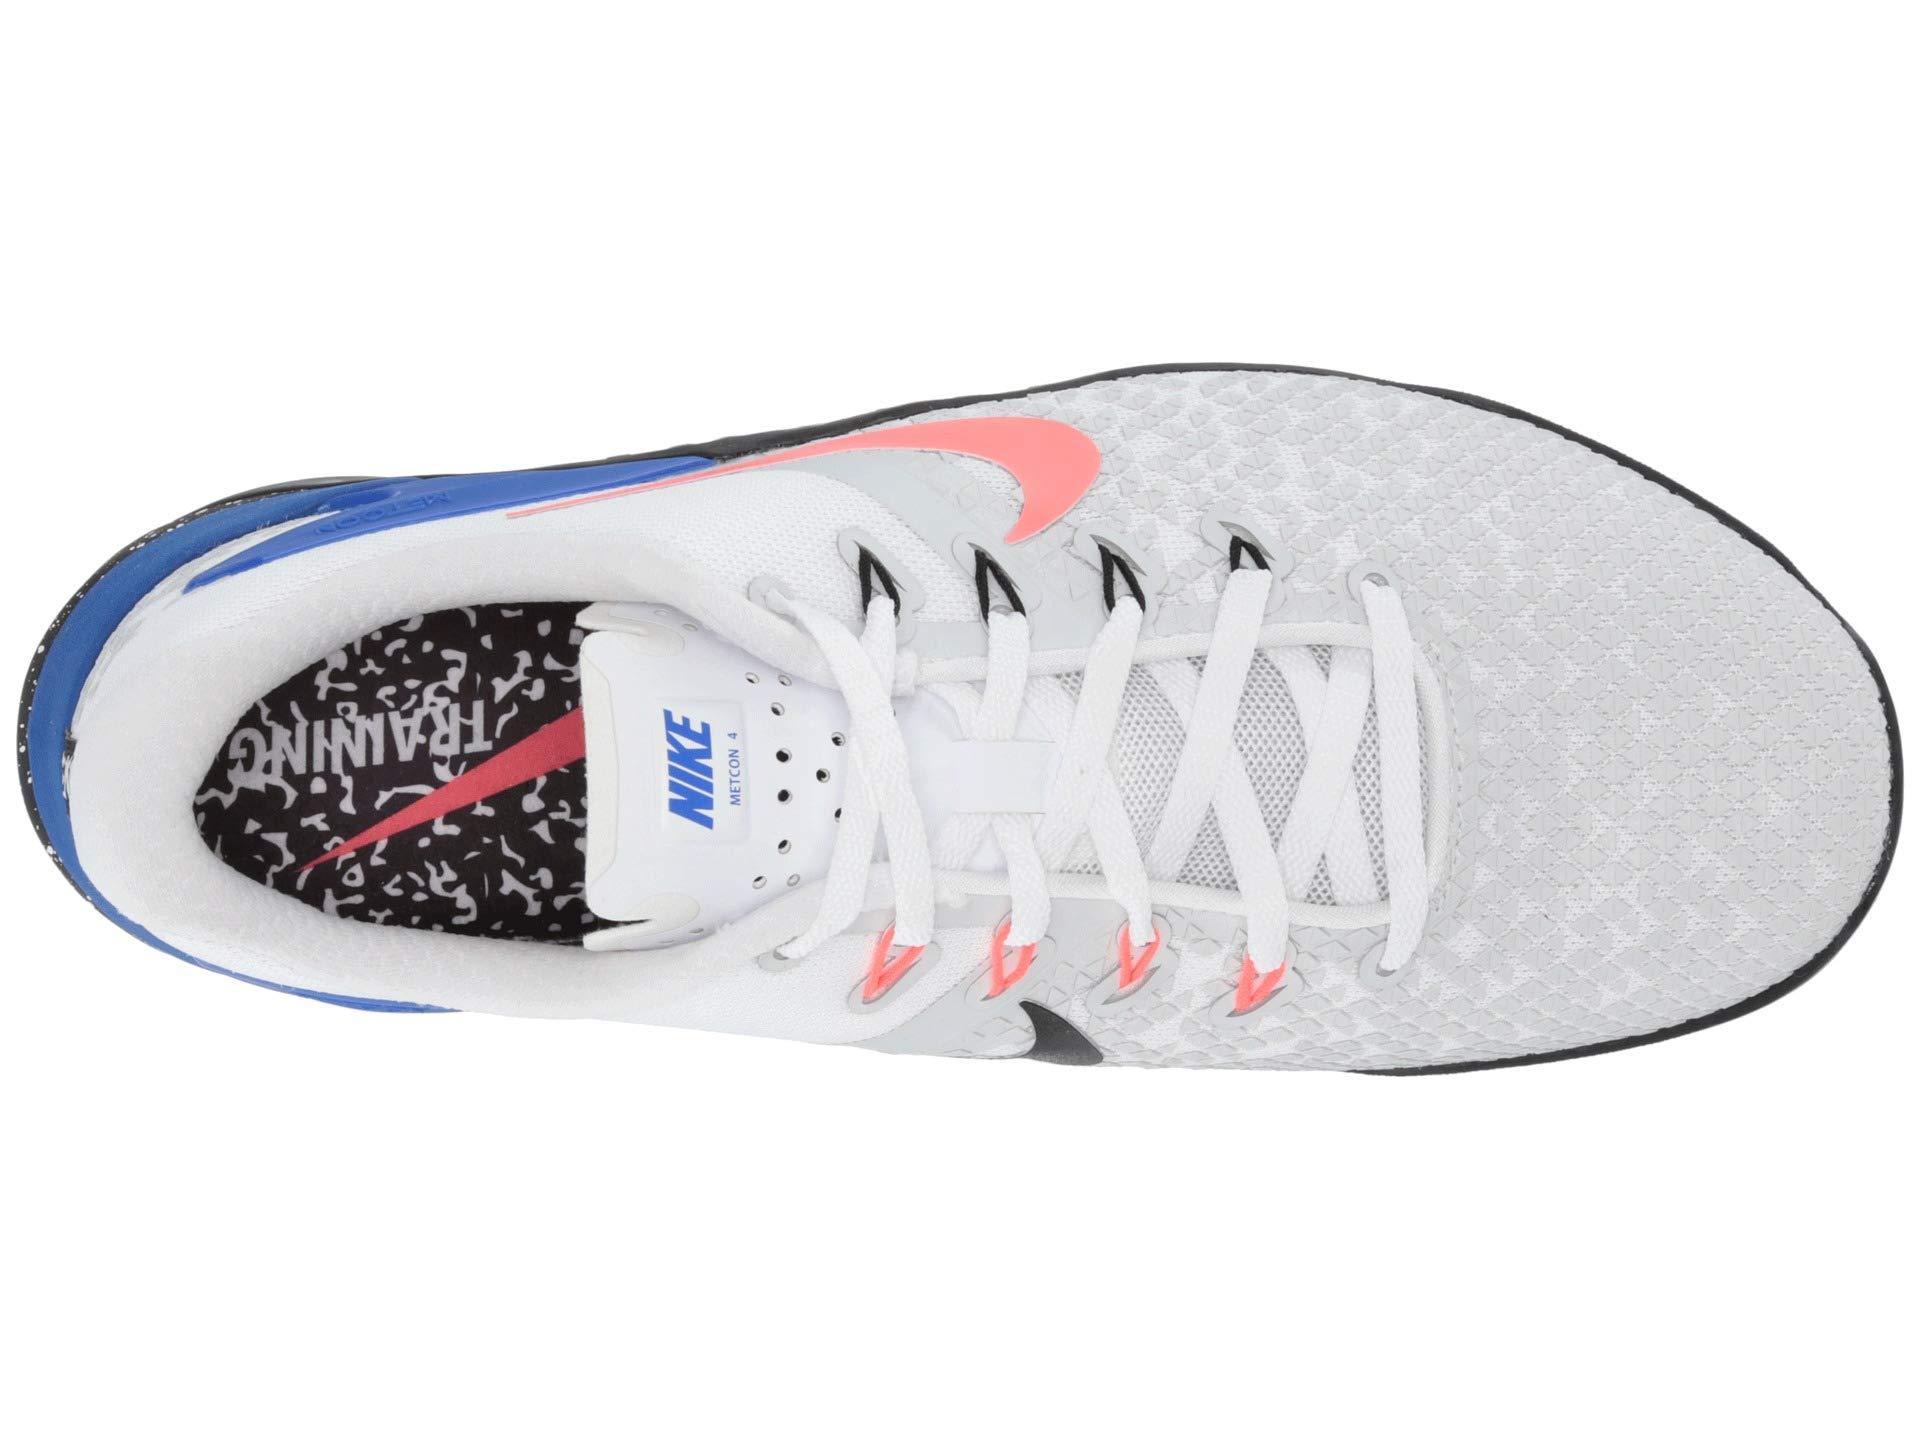 5d5ce5604ae987 Nike - Metcon 4 Xd (black wolf Grey anthracite white) Men s. View fullscreen